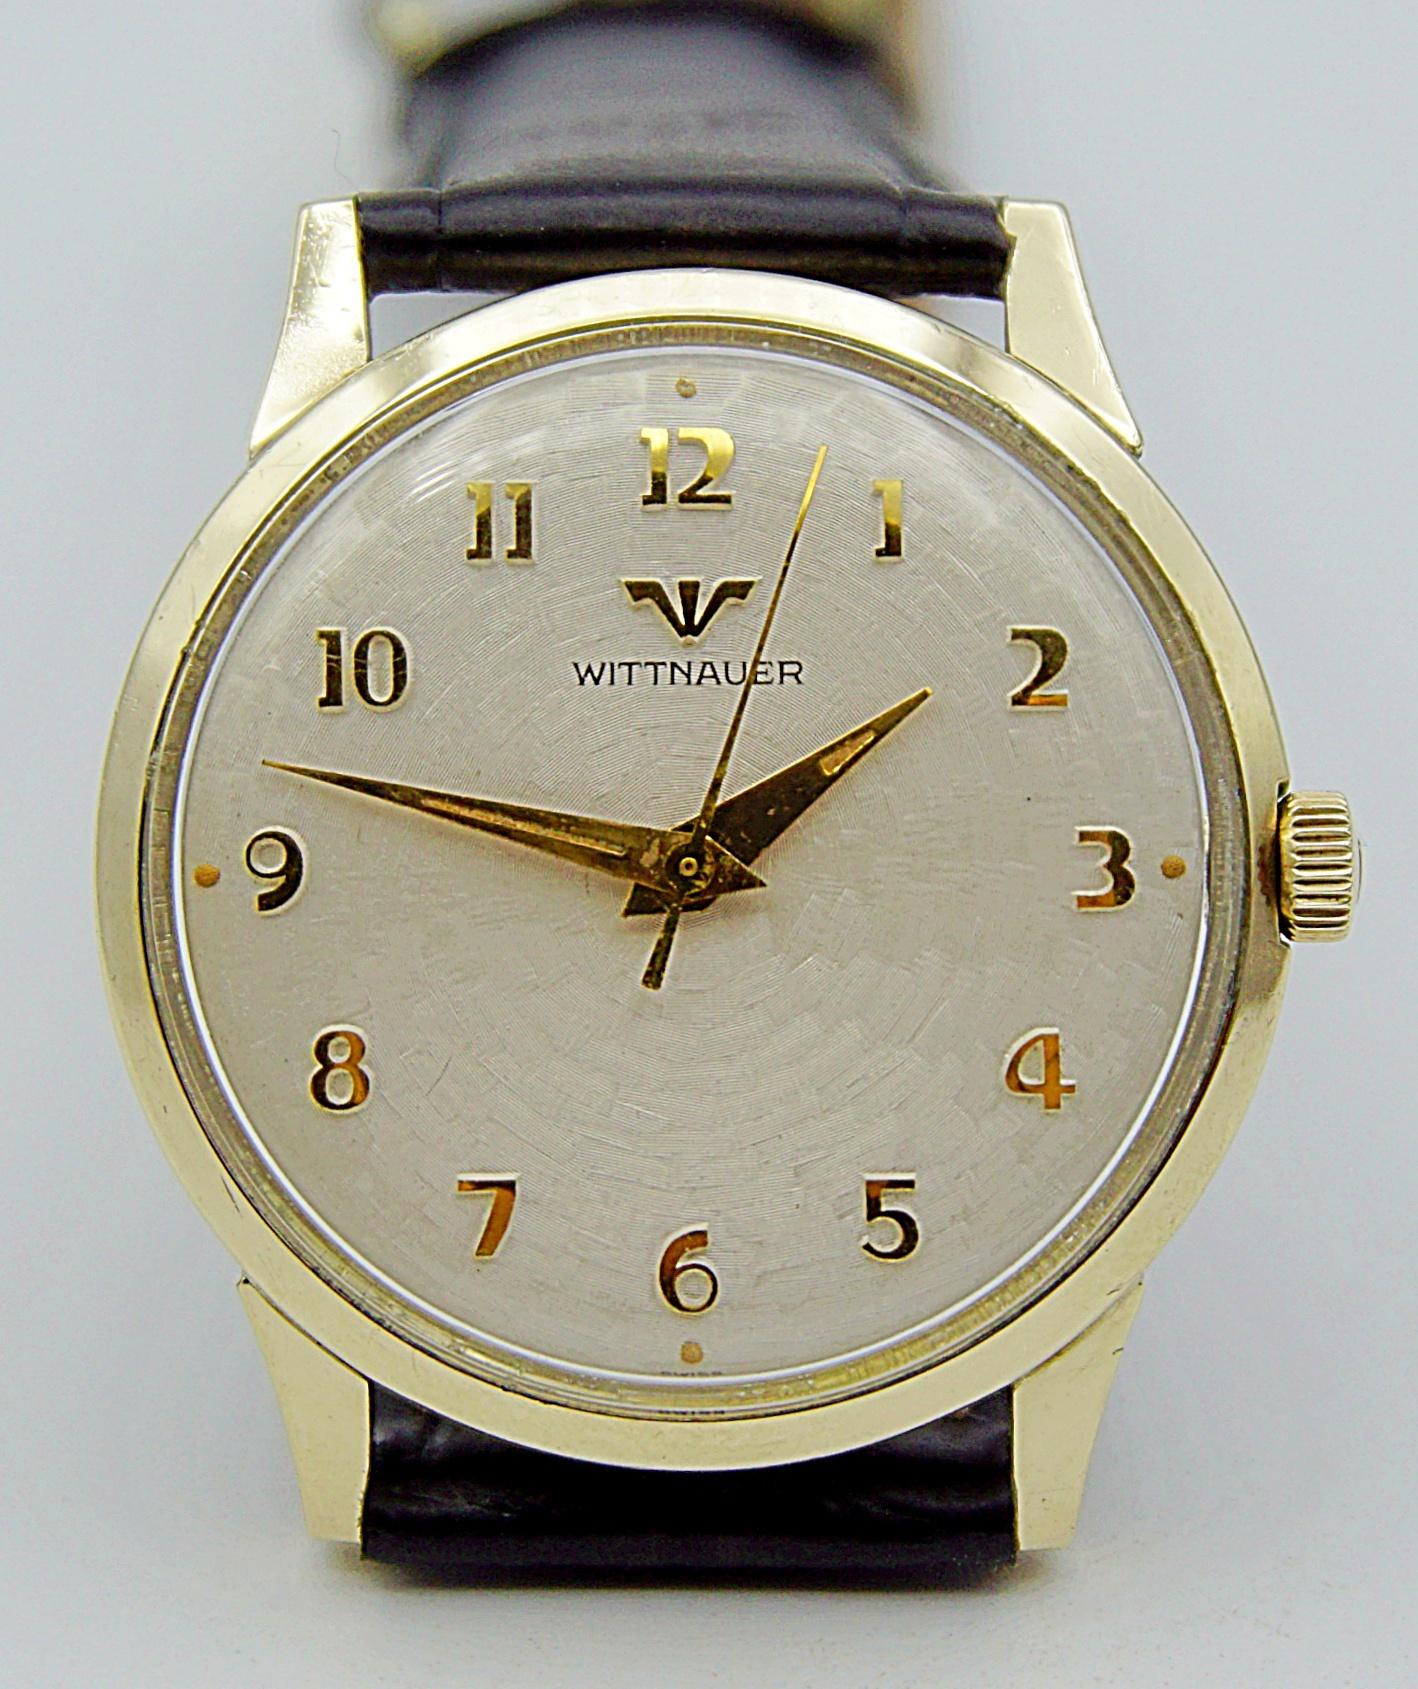 นาฬิกาเก่า WITTNAUER BY LONGINES ไขลาน